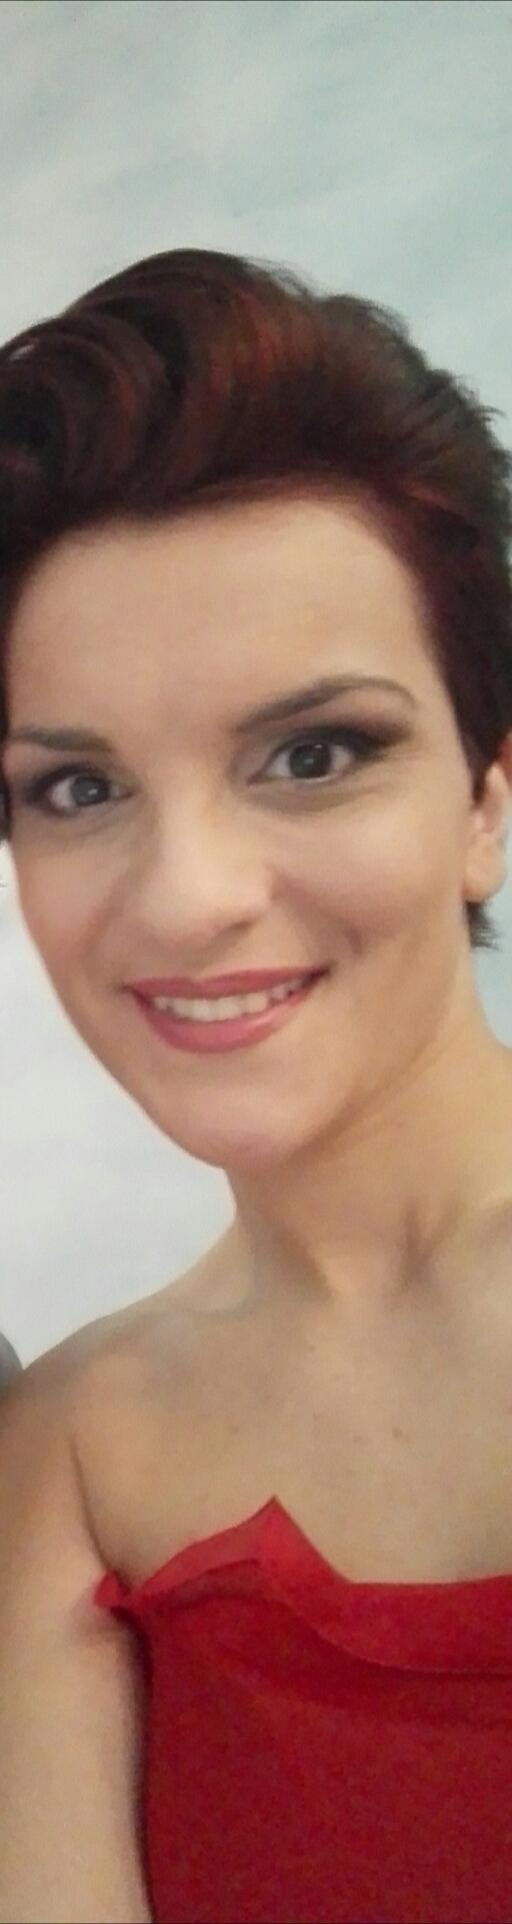 Cristina borgomeo